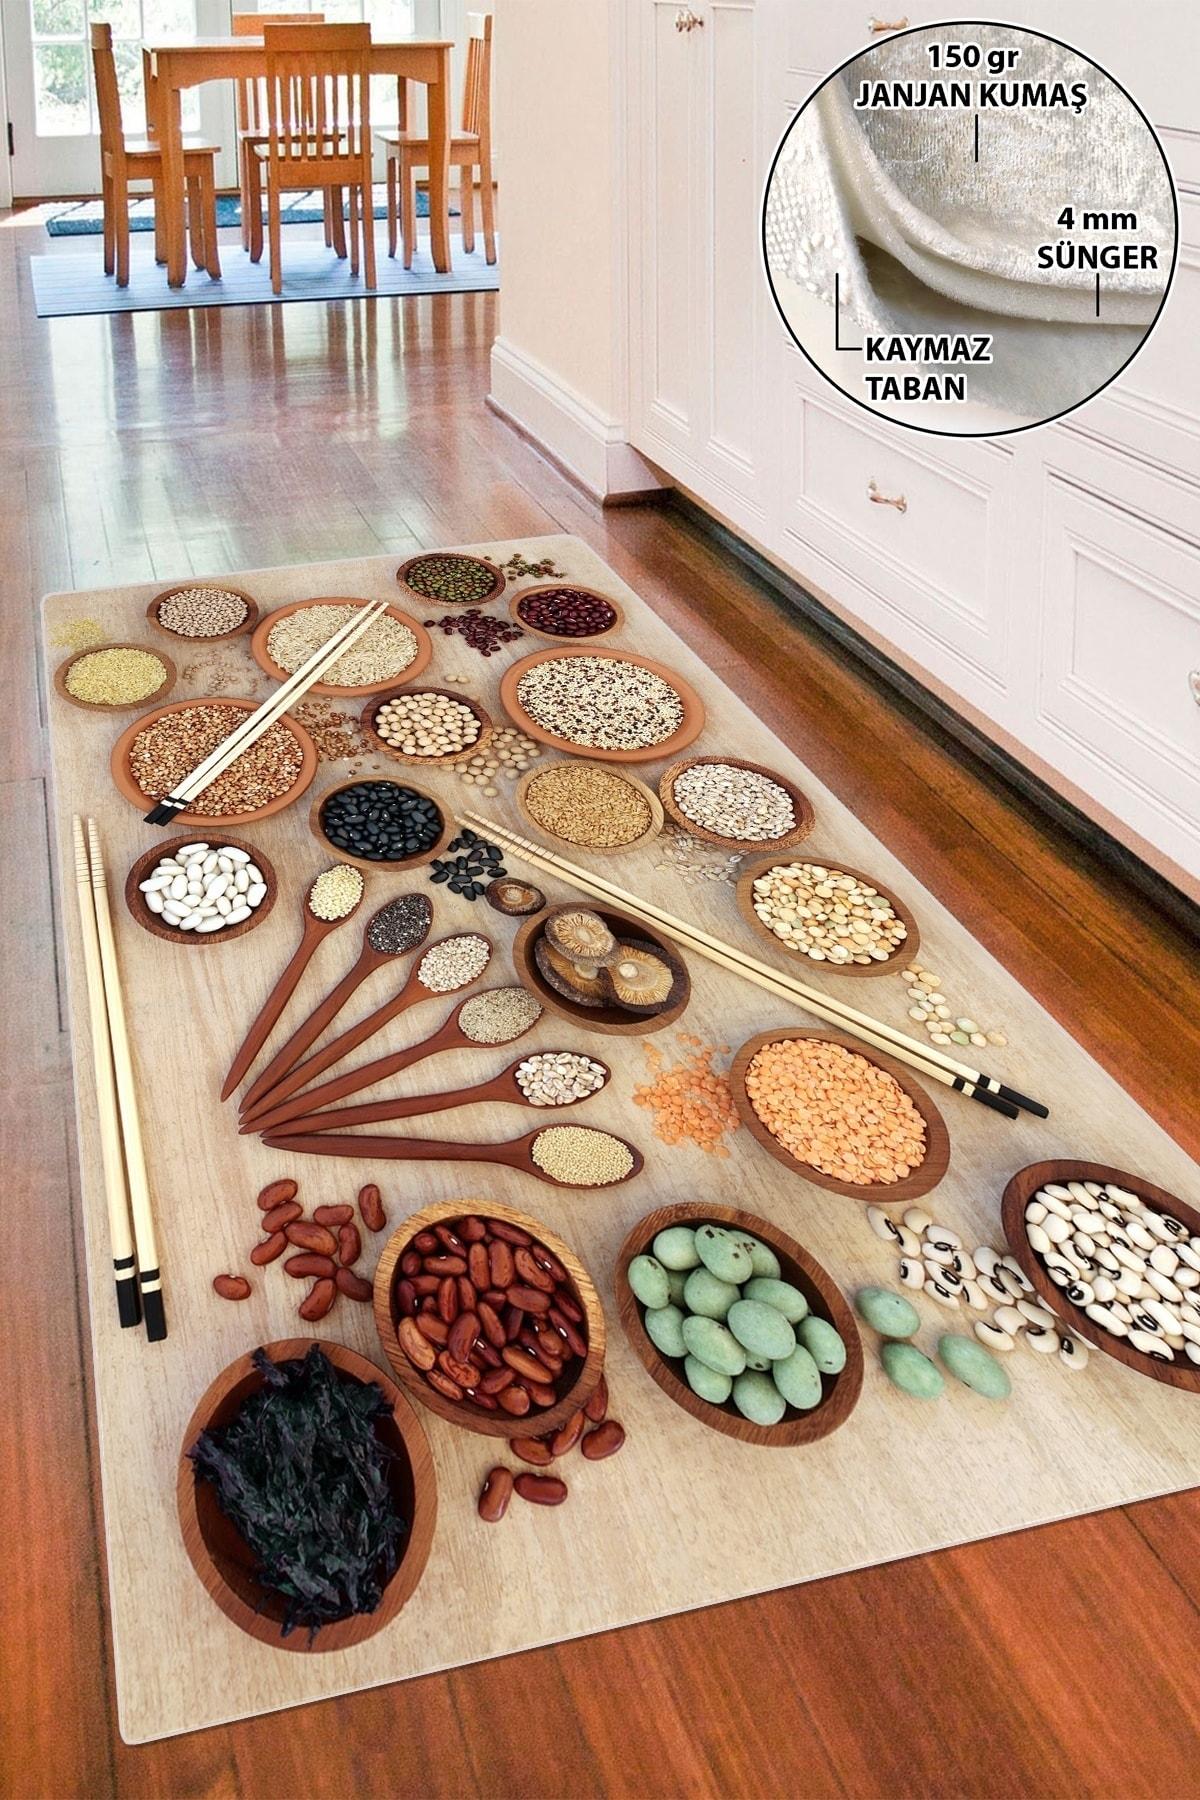 colizon Dekoratif Yıkanabilir Kaymaz Tabanlı Mutfak Halısı 1